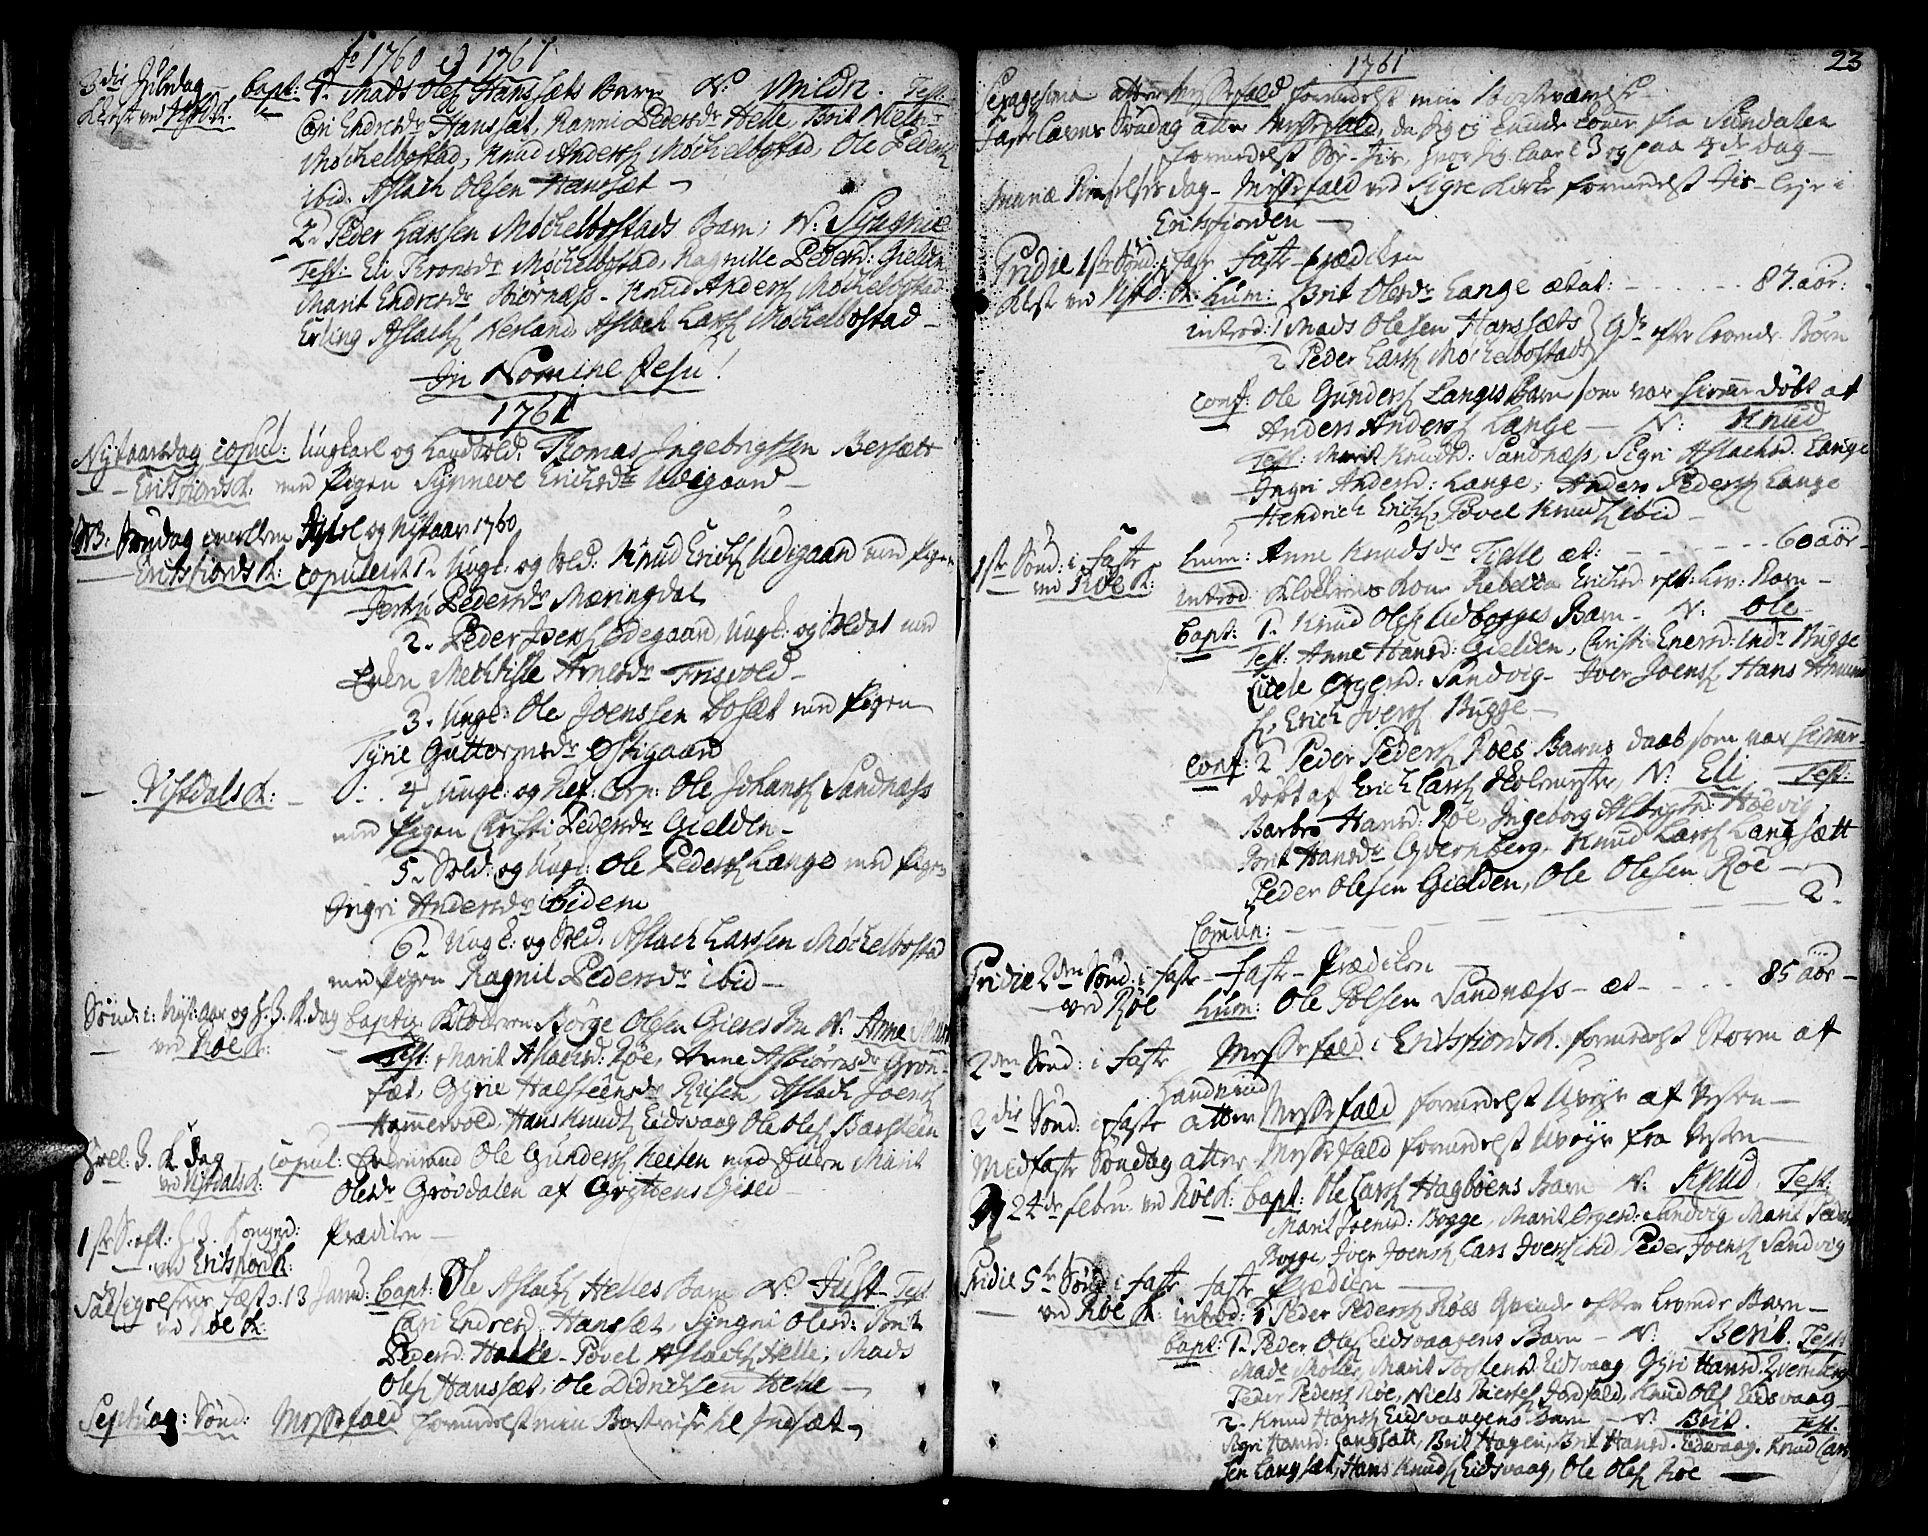 SAT, Ministerialprotokoller, klokkerbøker og fødselsregistre - Møre og Romsdal, 551/L0621: Ministerialbok nr. 551A01, 1757-1803, s. 23